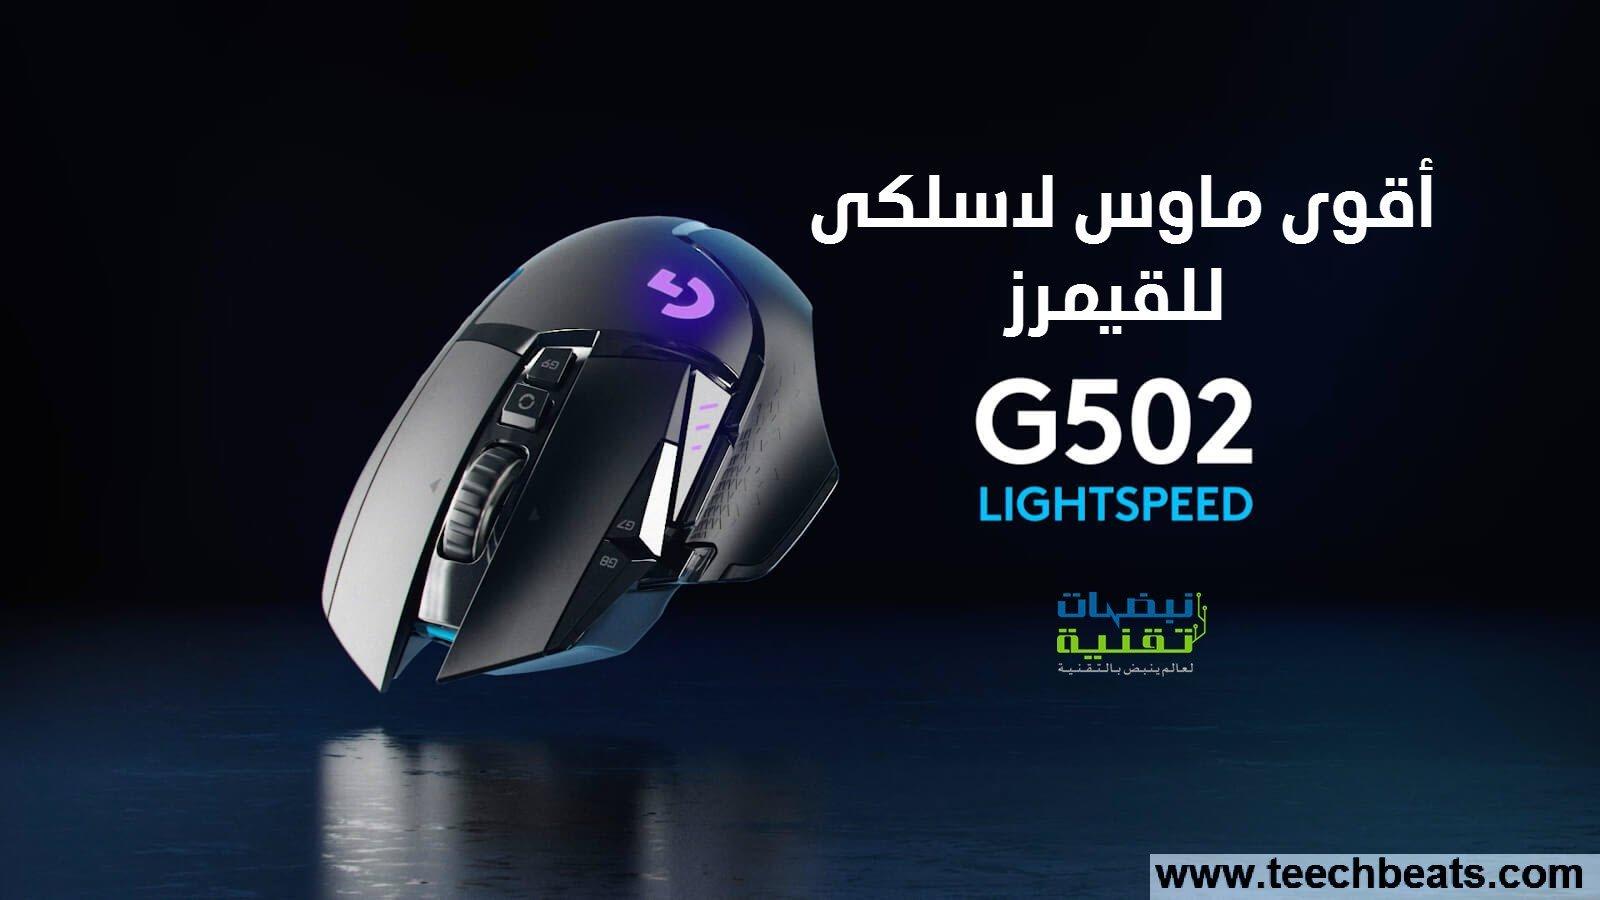 أشهر ماوس مخصص للقيمرز G502